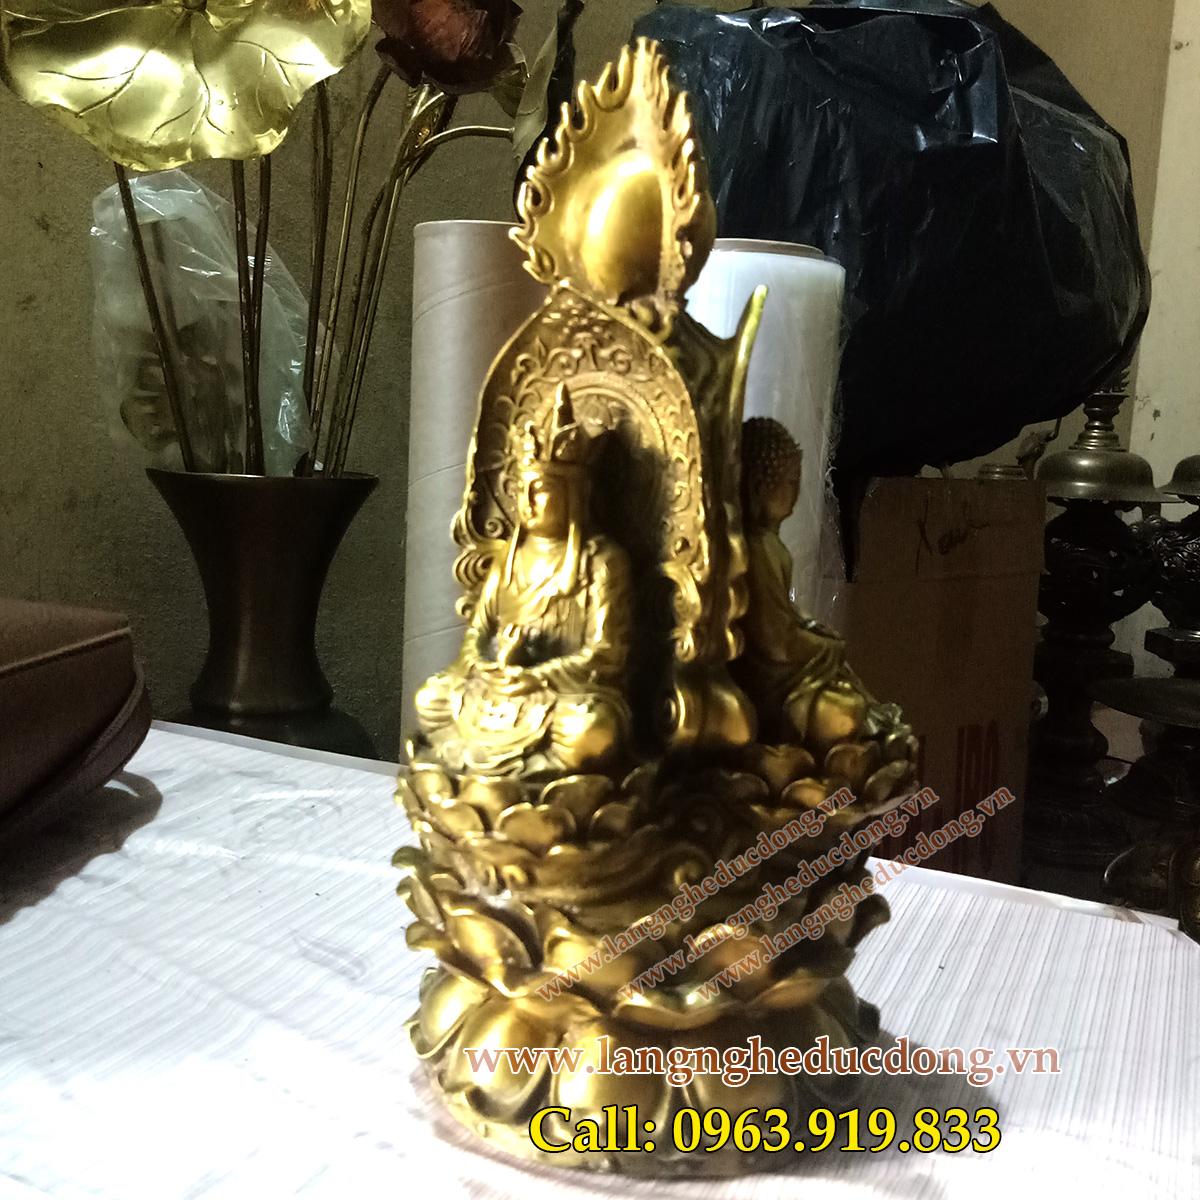 langngheducdong.vn - tượng phật, tượng đồng, đúc tượng đồng theo yêu cầu của khách hàng